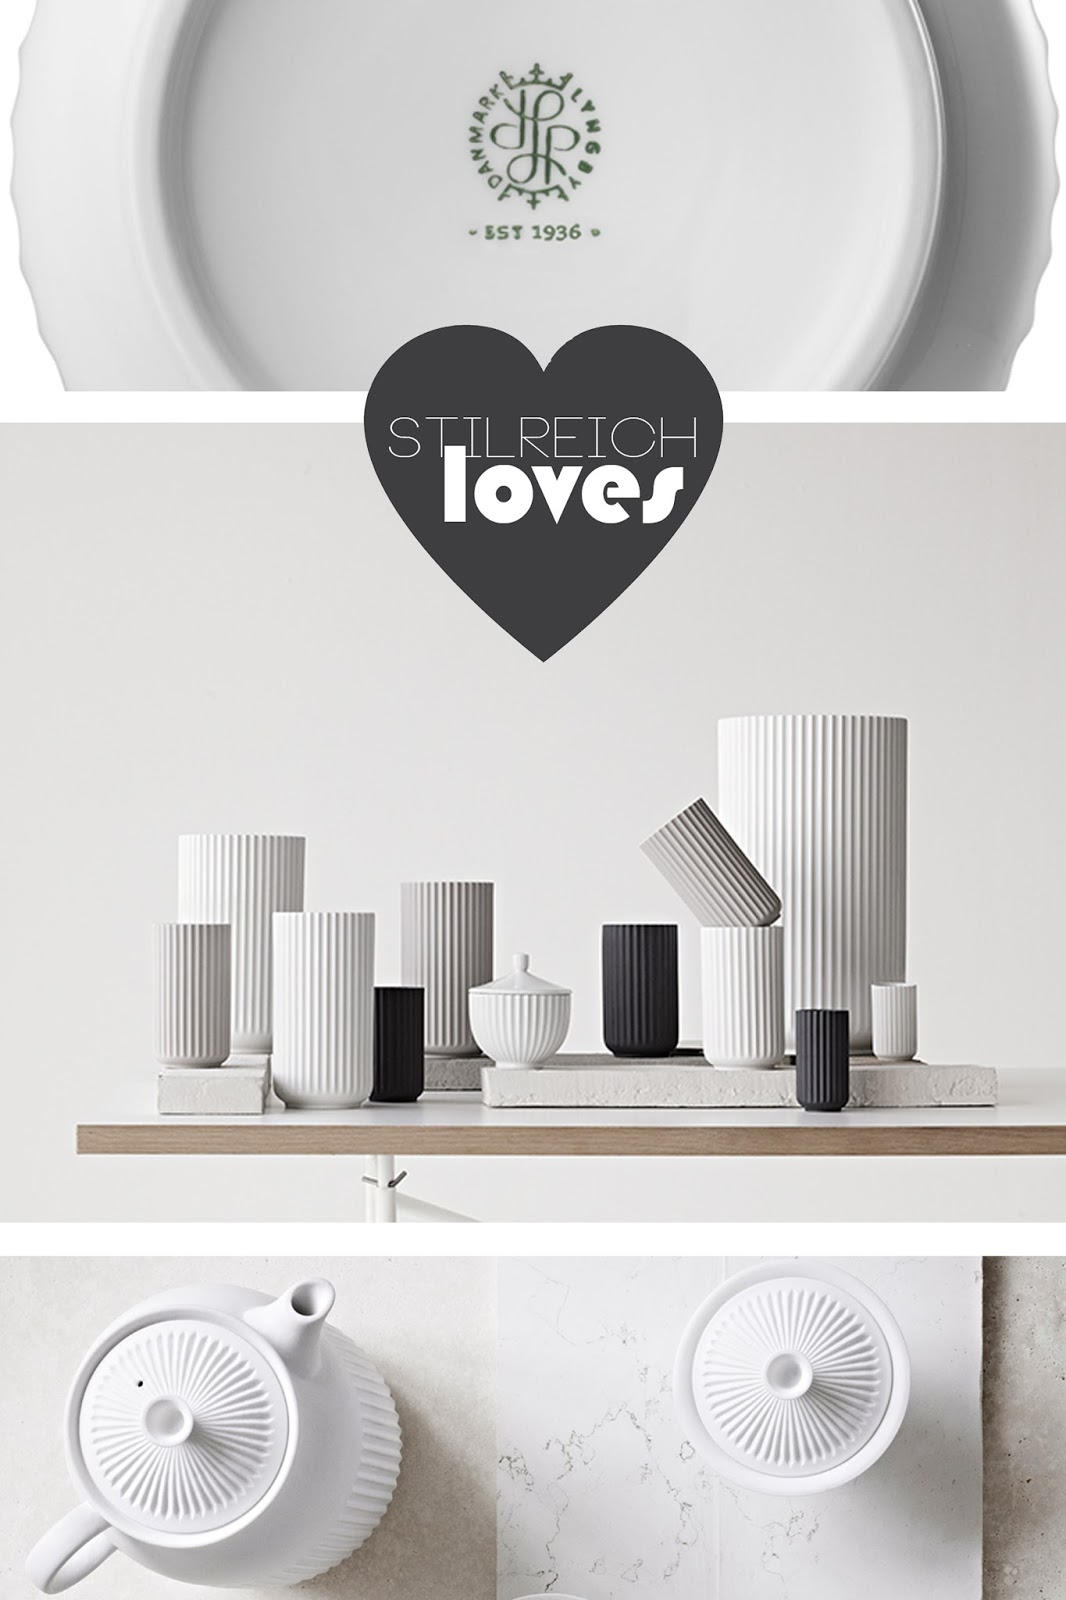 Stilreich loves lyngby porcelain denmark s t i l r e i - Stilreich blog ...